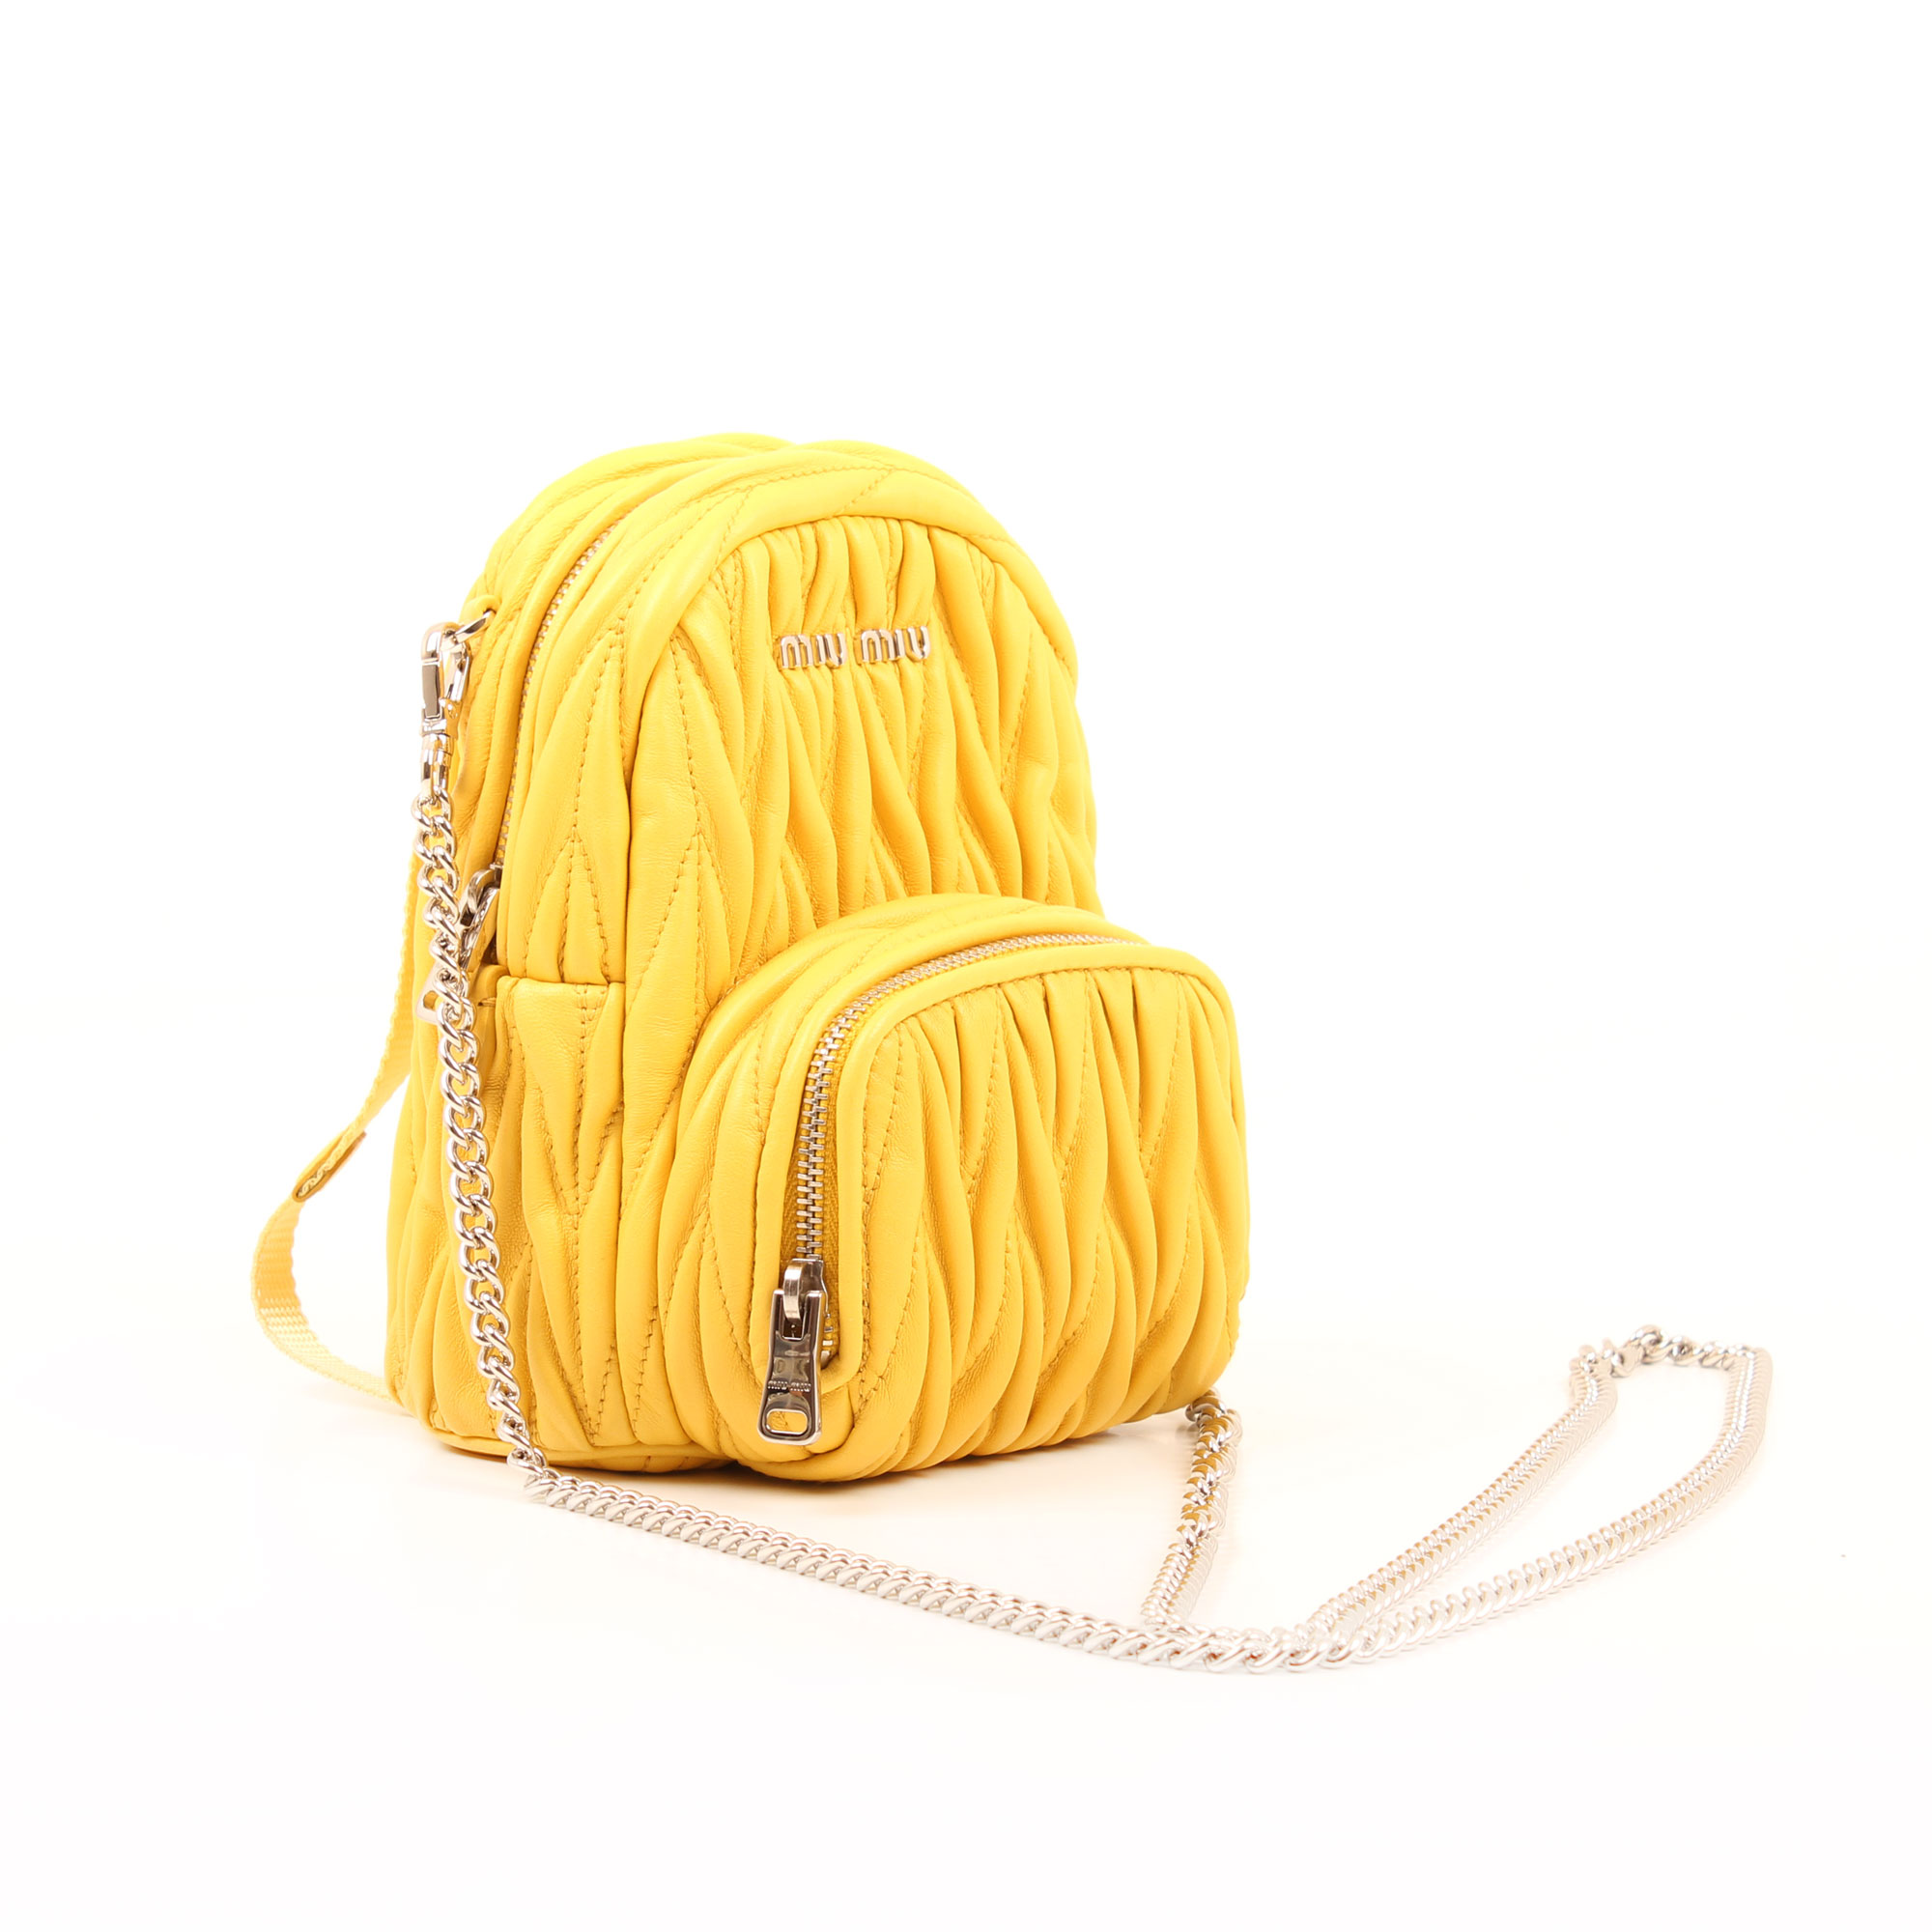 Imagen general del bolso miu miu matelasse mini mochila amarillo sole 5bac264e7e